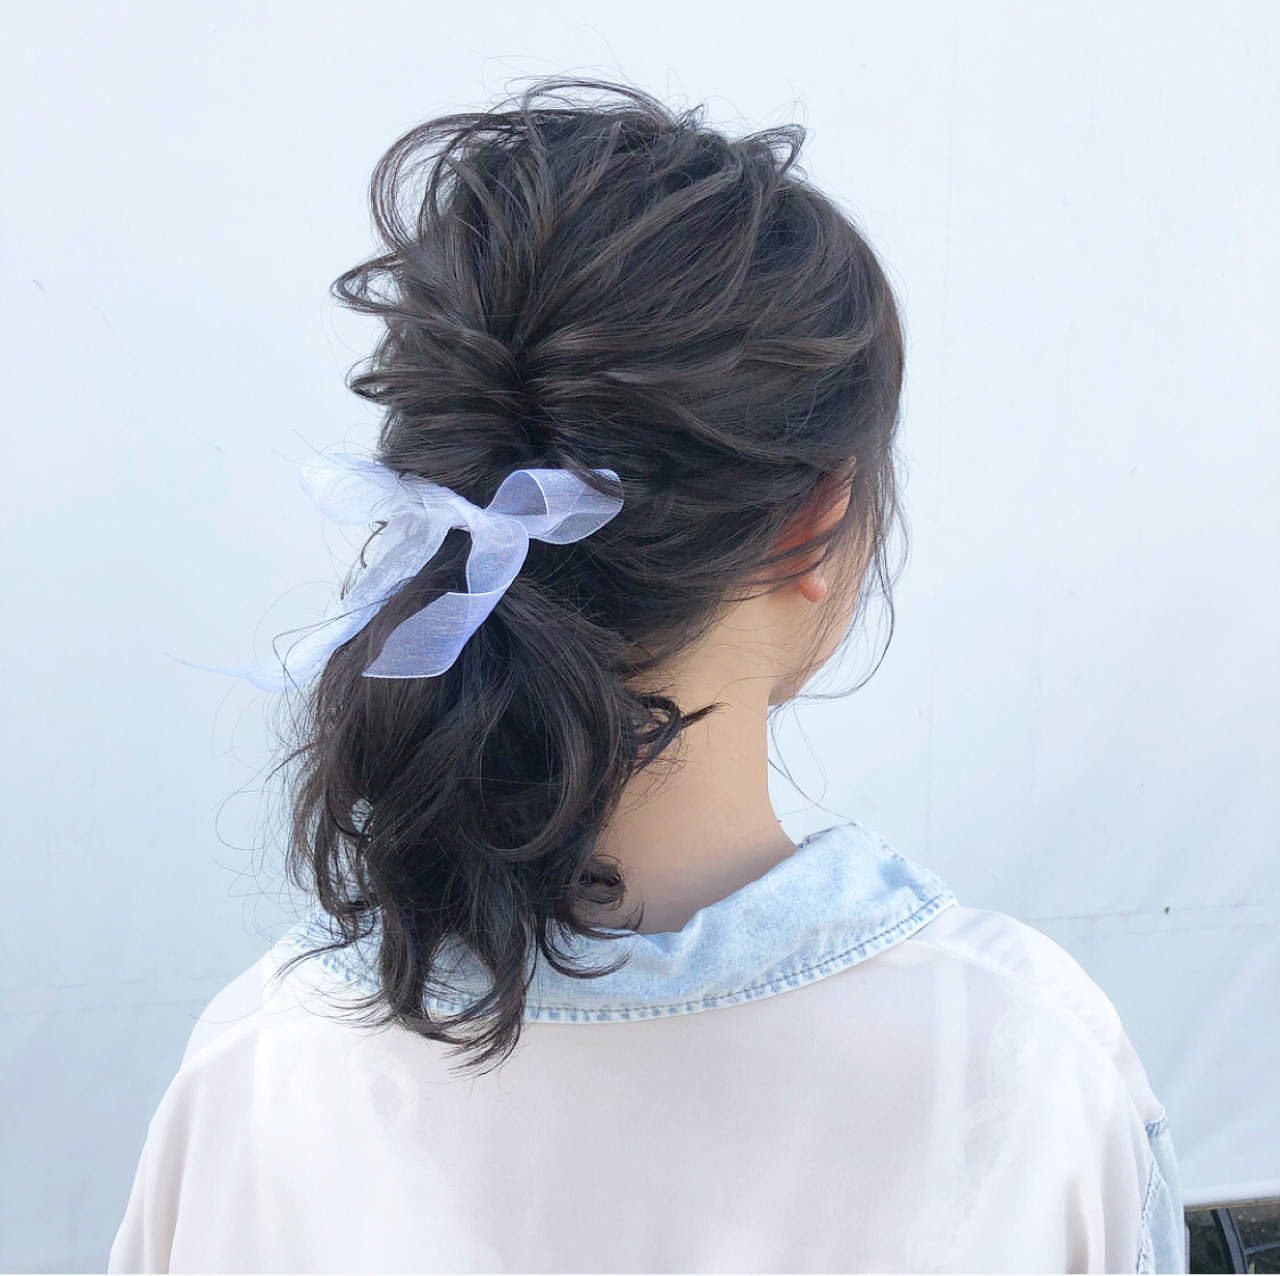 ミディアム 簡単ヘアアレンジ 夏 ポニーテール ヘアスタイルや髪型の写真・画像